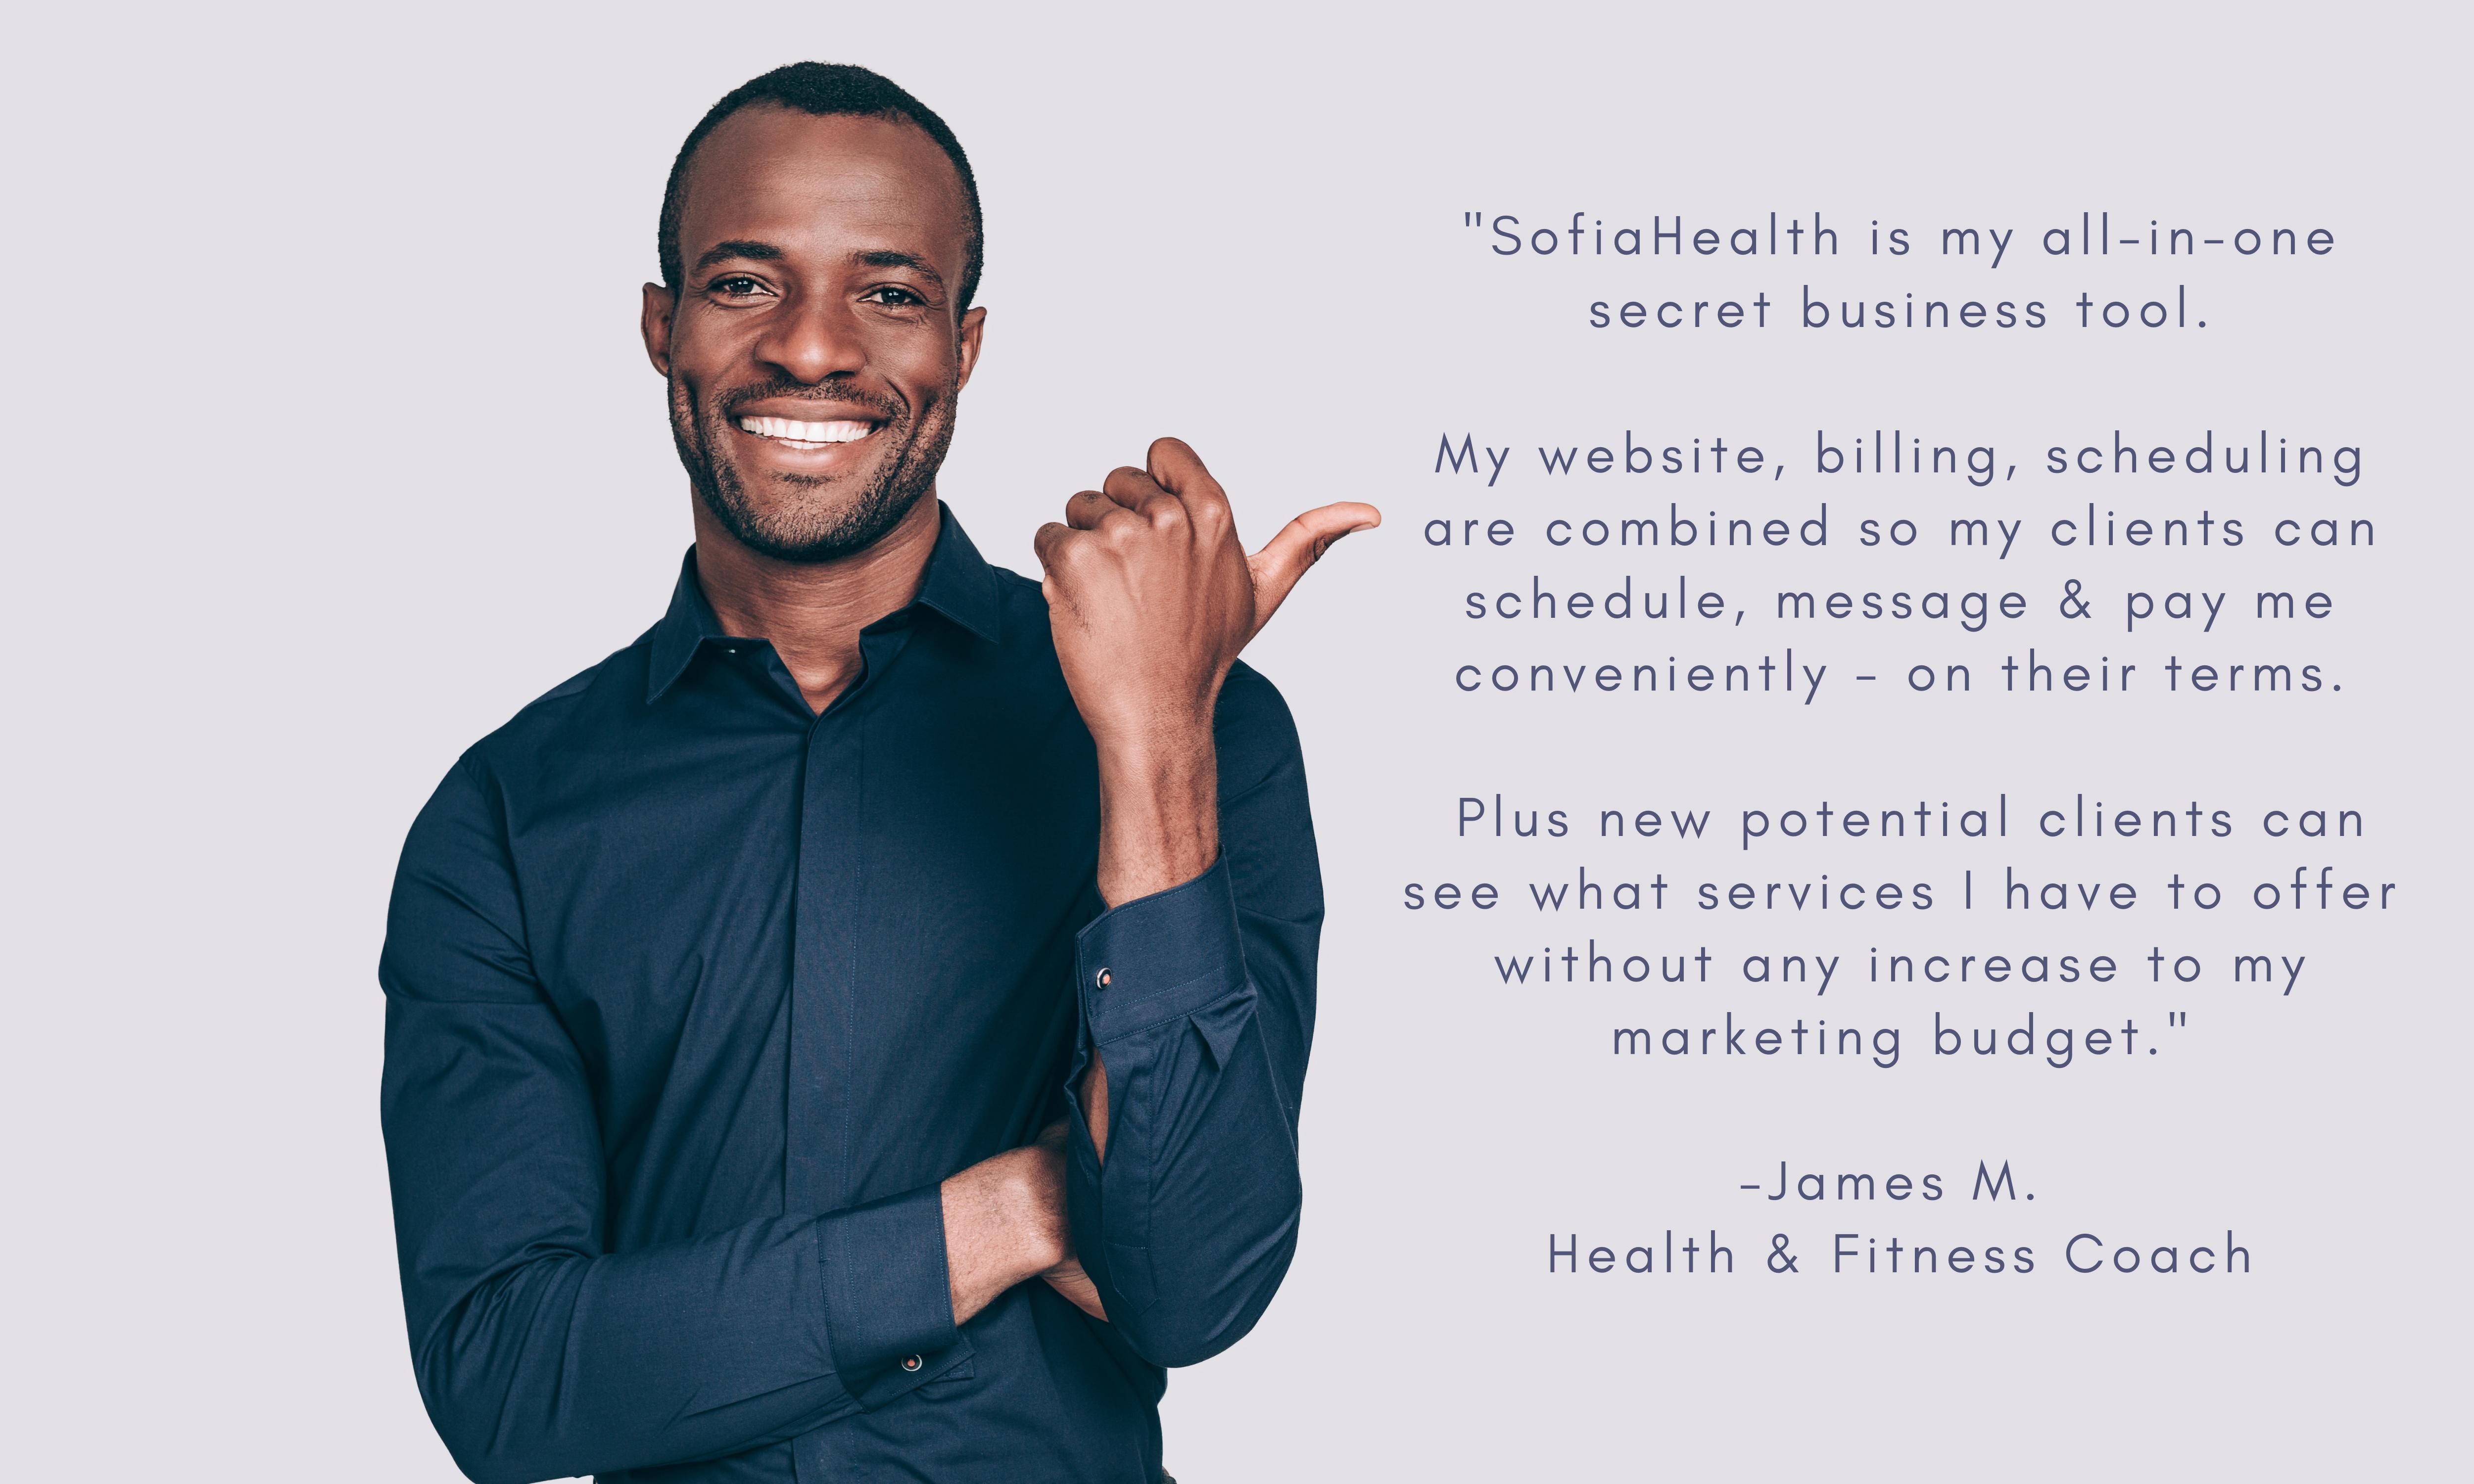 james testimony for sofia health